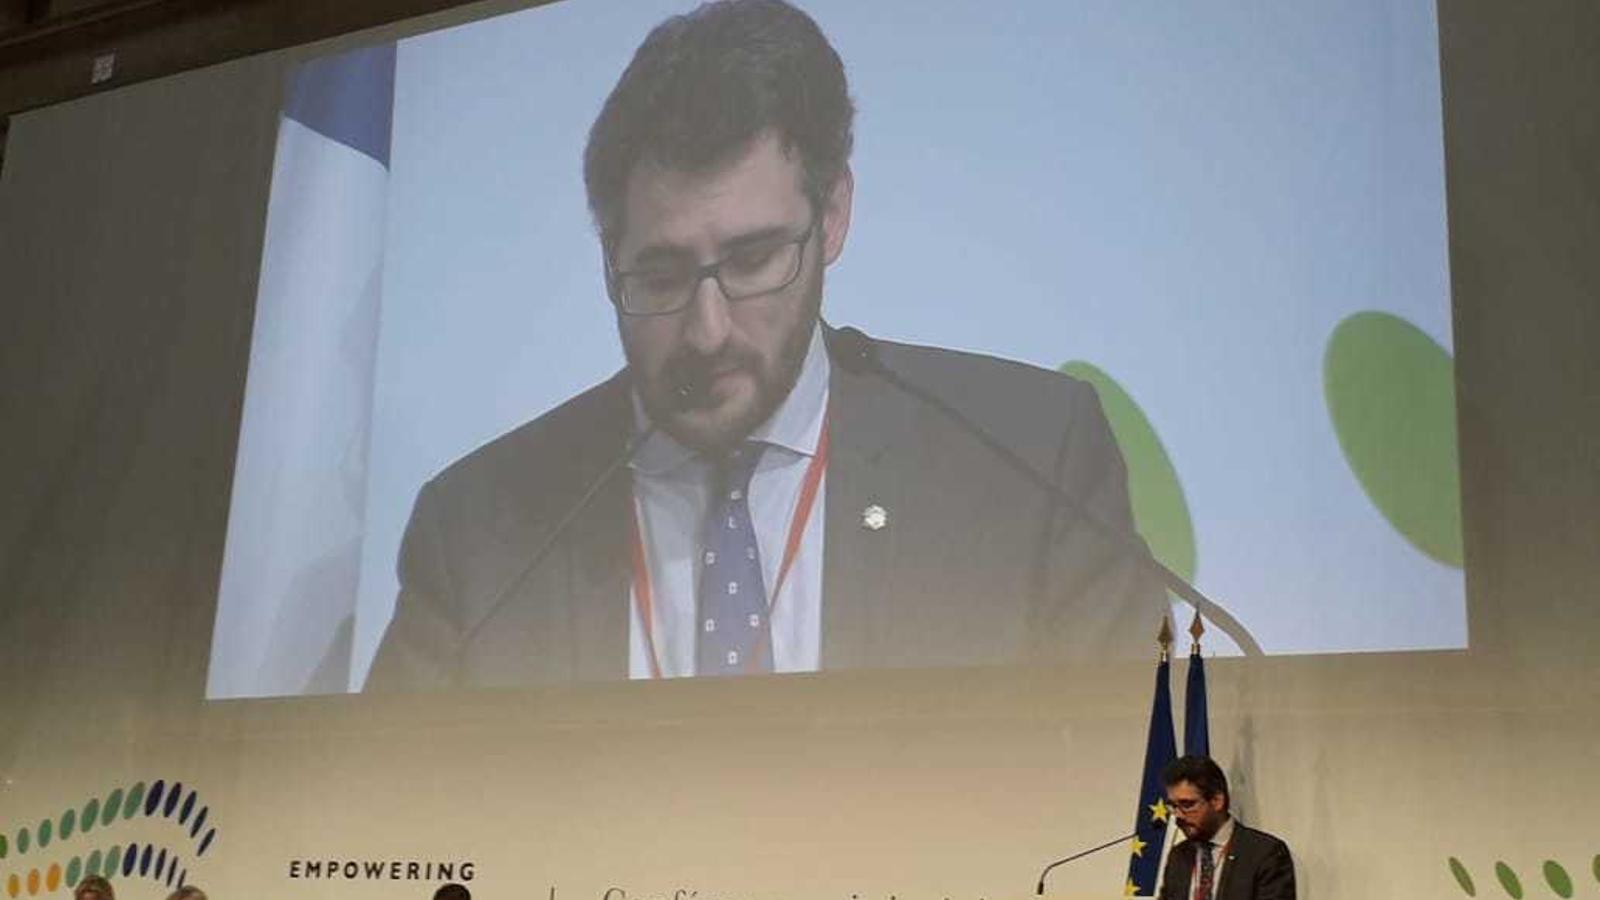 El ministre d'Educació, Ensenyament Superior i Recerca, Eric Jover, durant la seva intervenció a la conferència ministerial sobre el procés de Bolonya que se celebra a París. / SFG